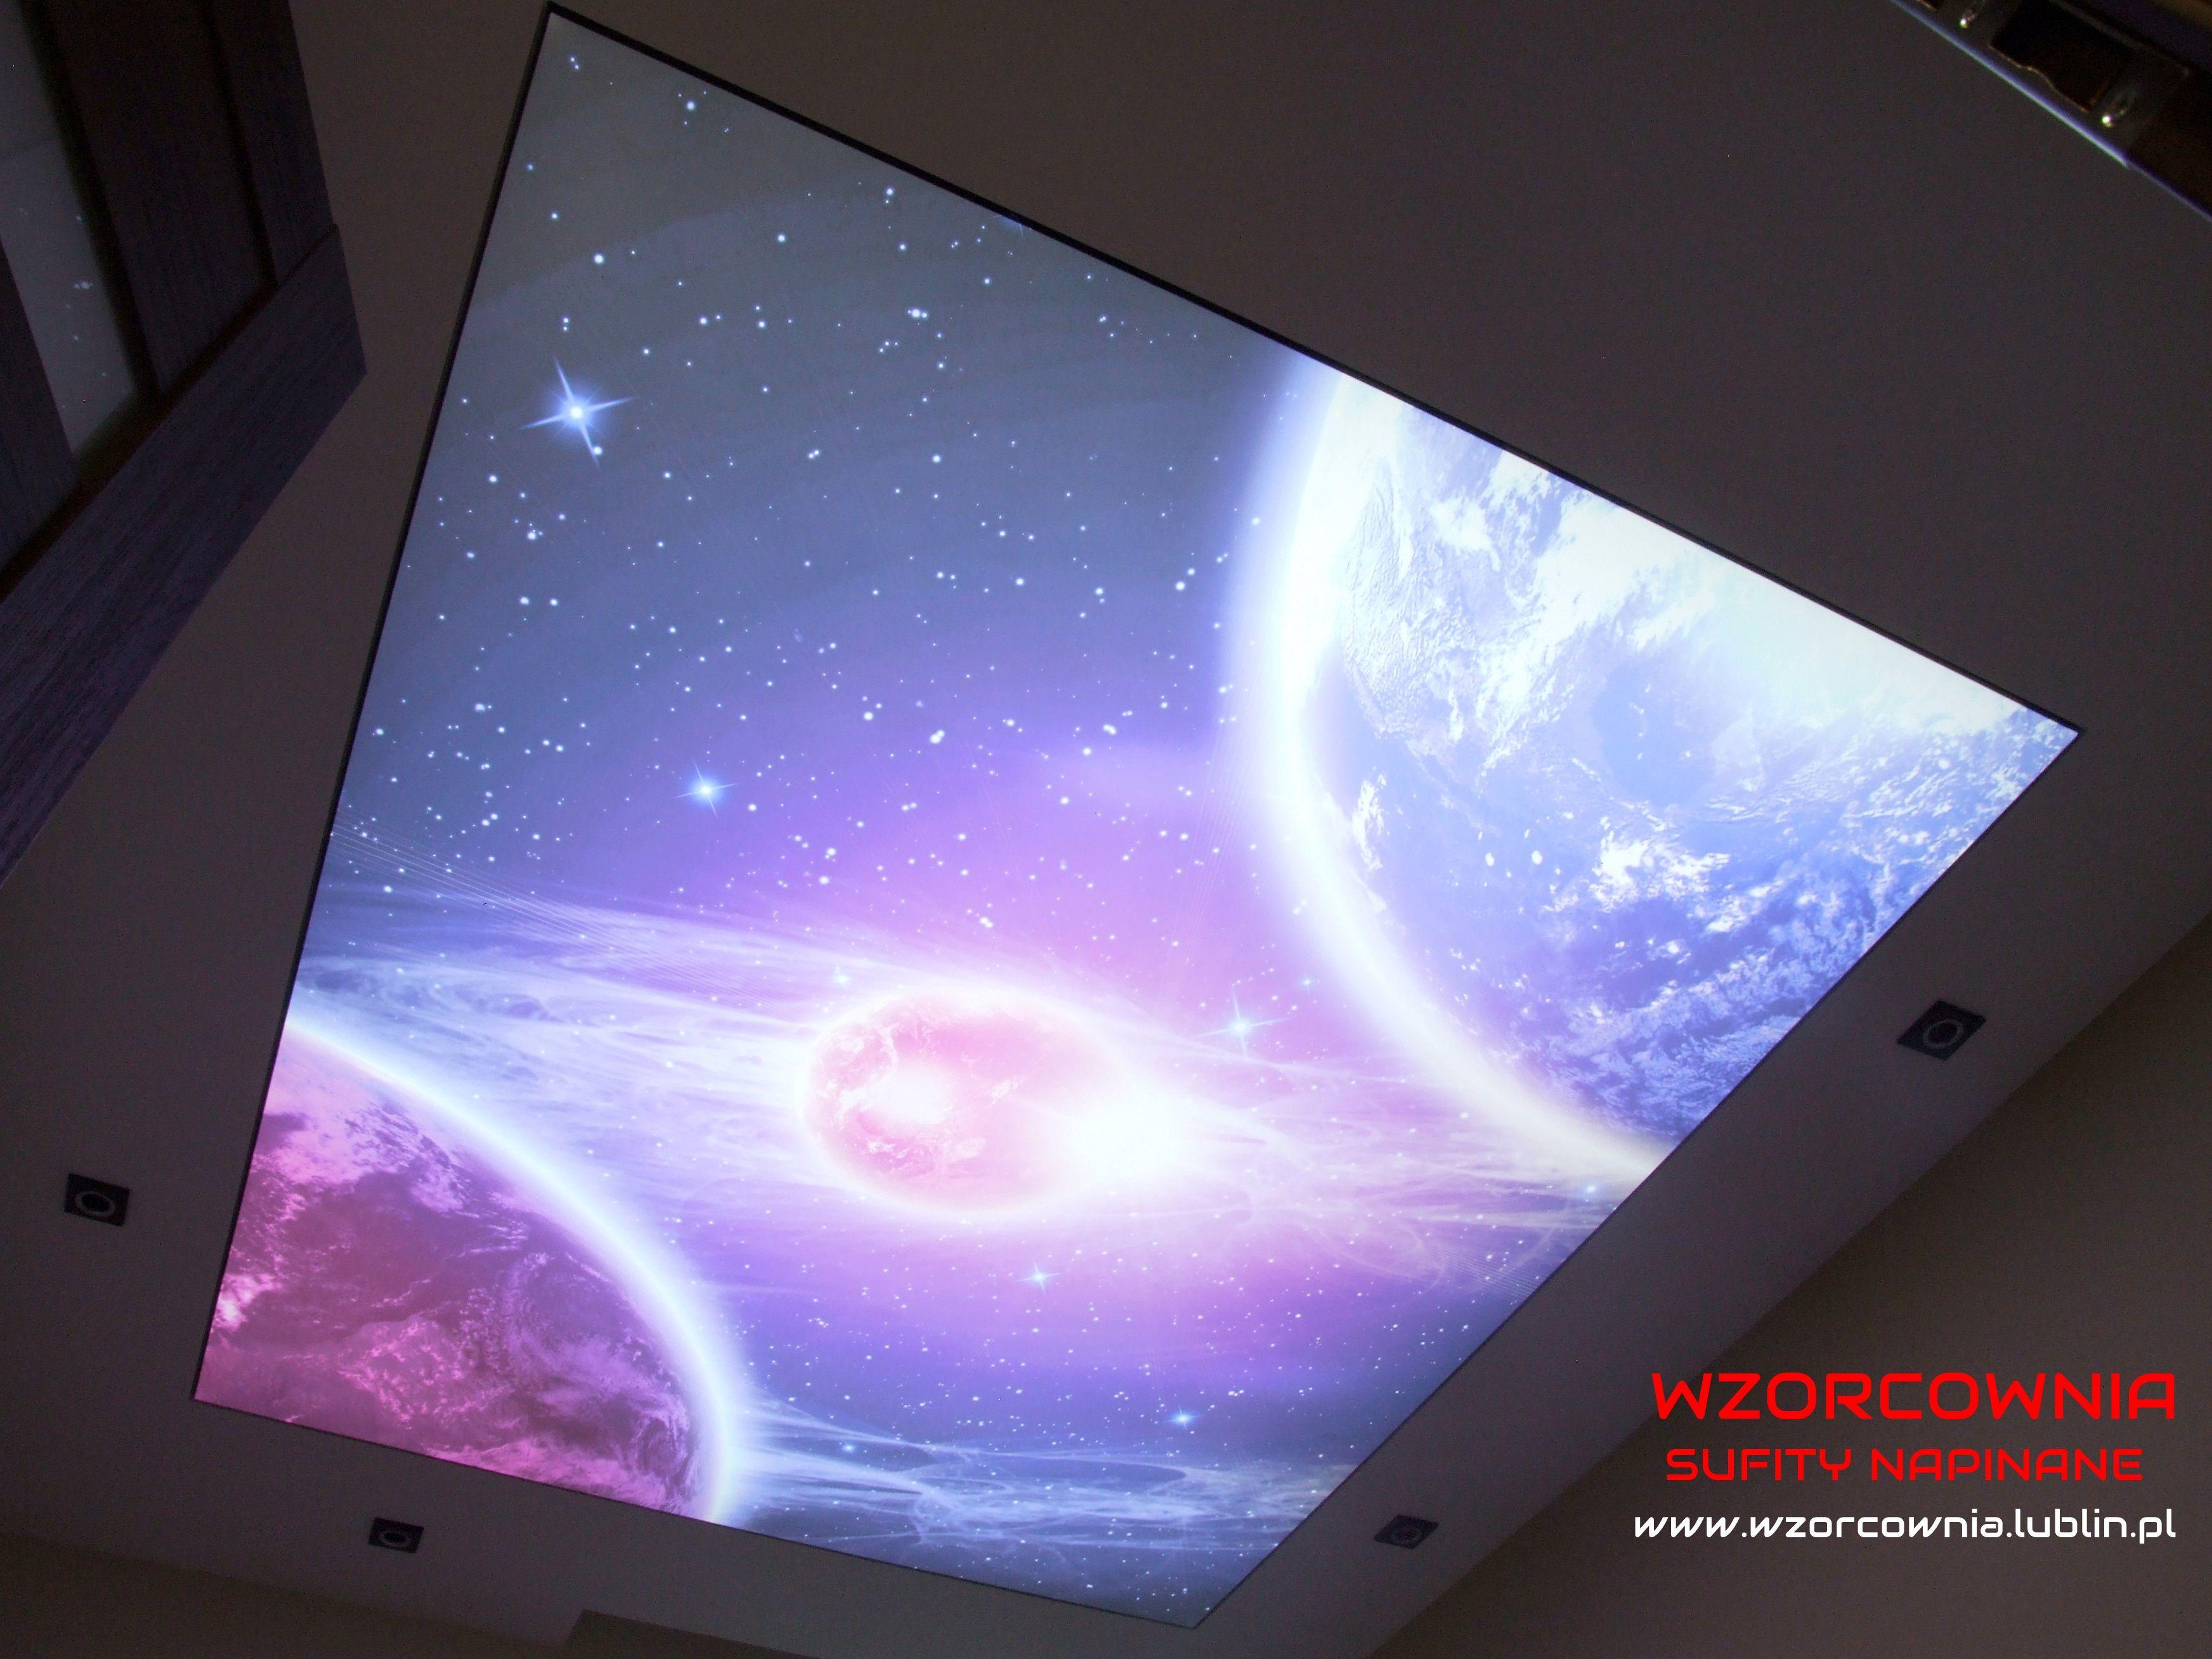 Przenieśmy Się Do Kosmosu ...;) Sufit Napinany Transparentny Z Nadrukiem  Wprowadzi W